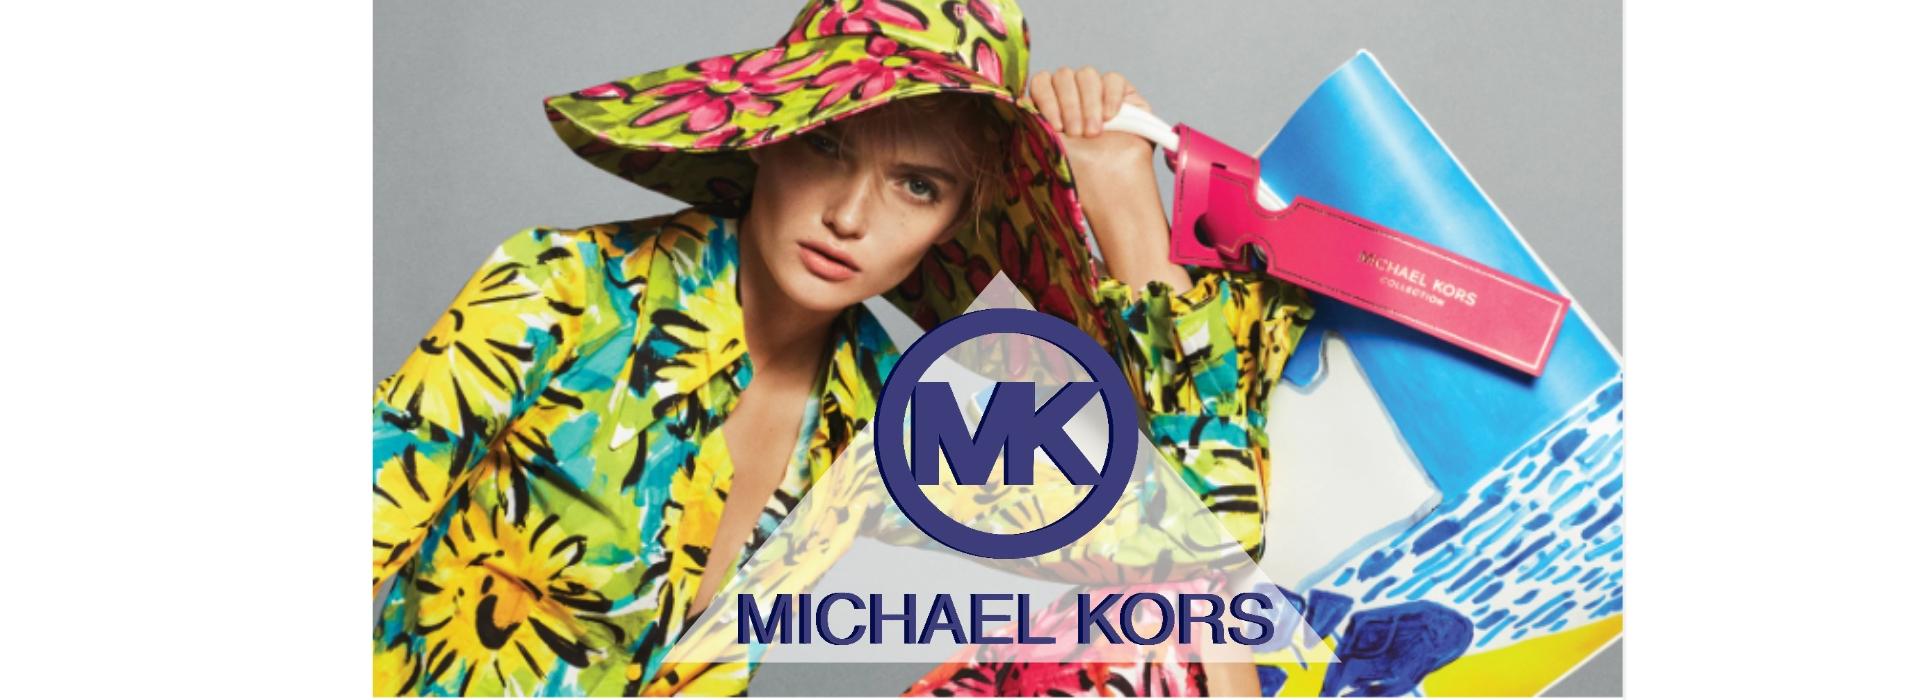 michael-kors-brand-banner.jpg